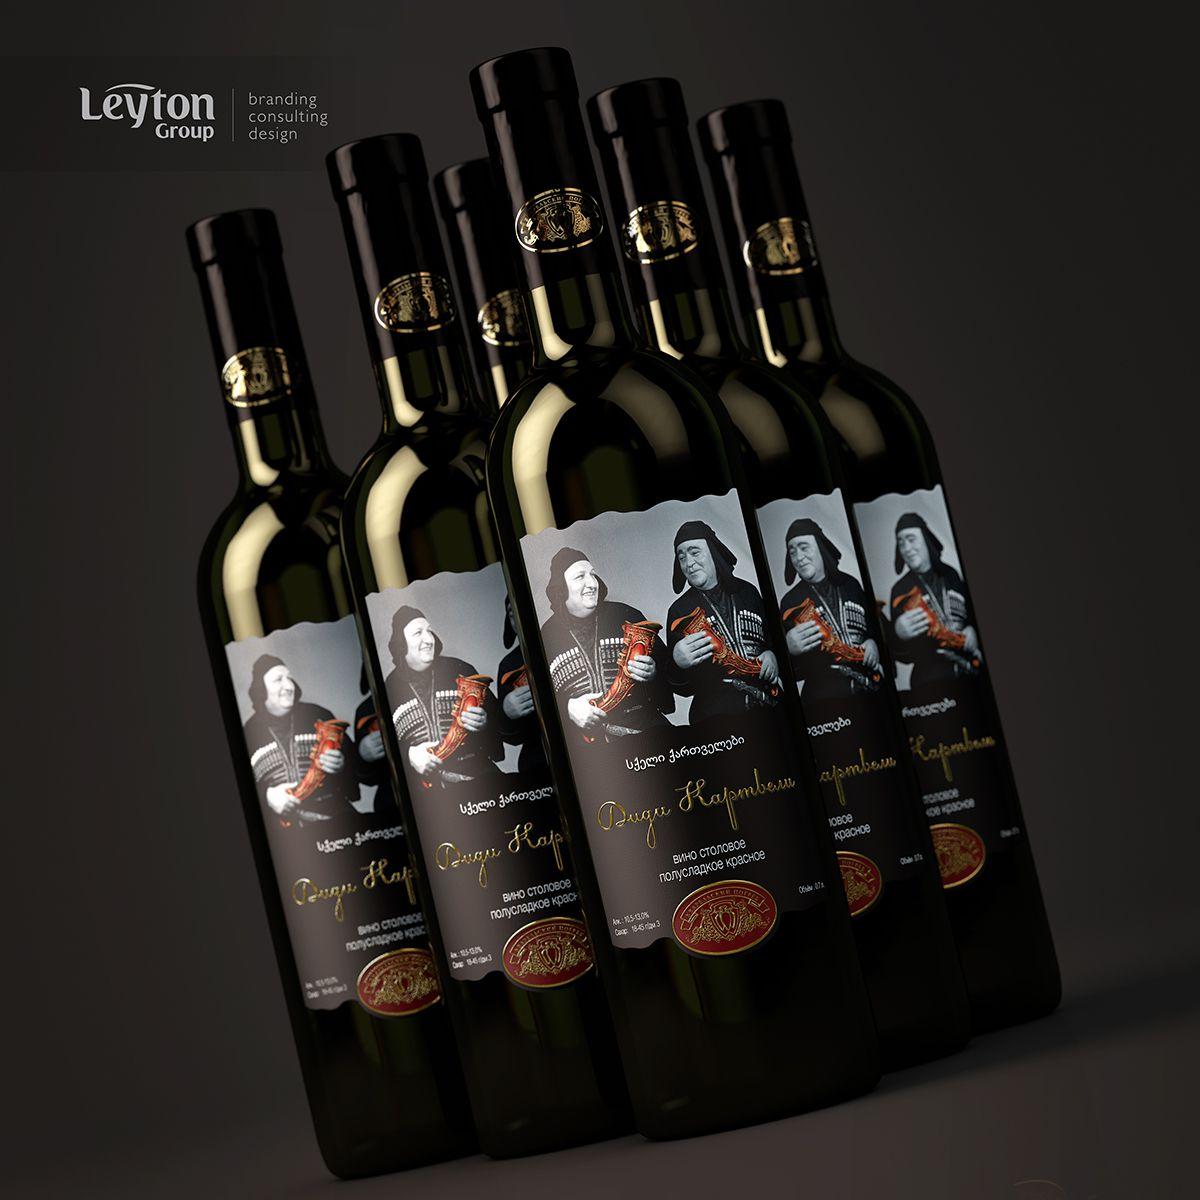 Didi Qartevli, грузинское вино – дизайн – Leyton Group